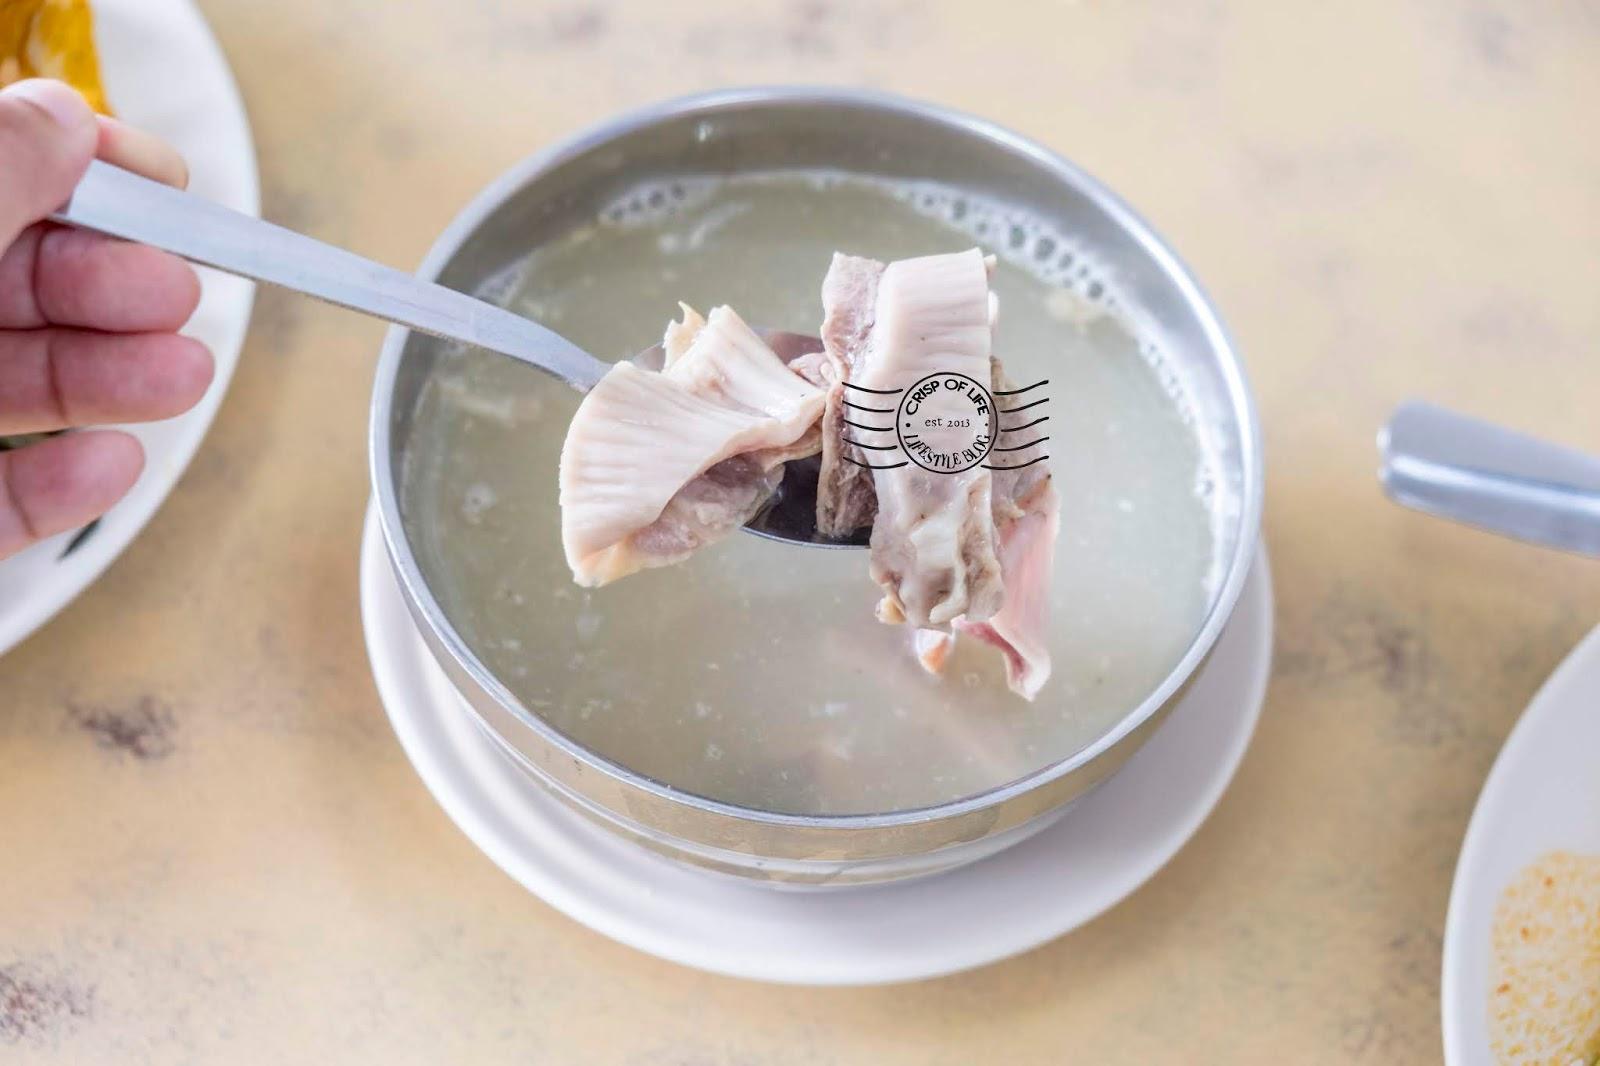 Sia Boey Kochabi Mixed Economy Rice @ 社尾142 饭店 Kedai Makan Satu Ratus Empat Puluh Dua , Jalan Magazine Penang